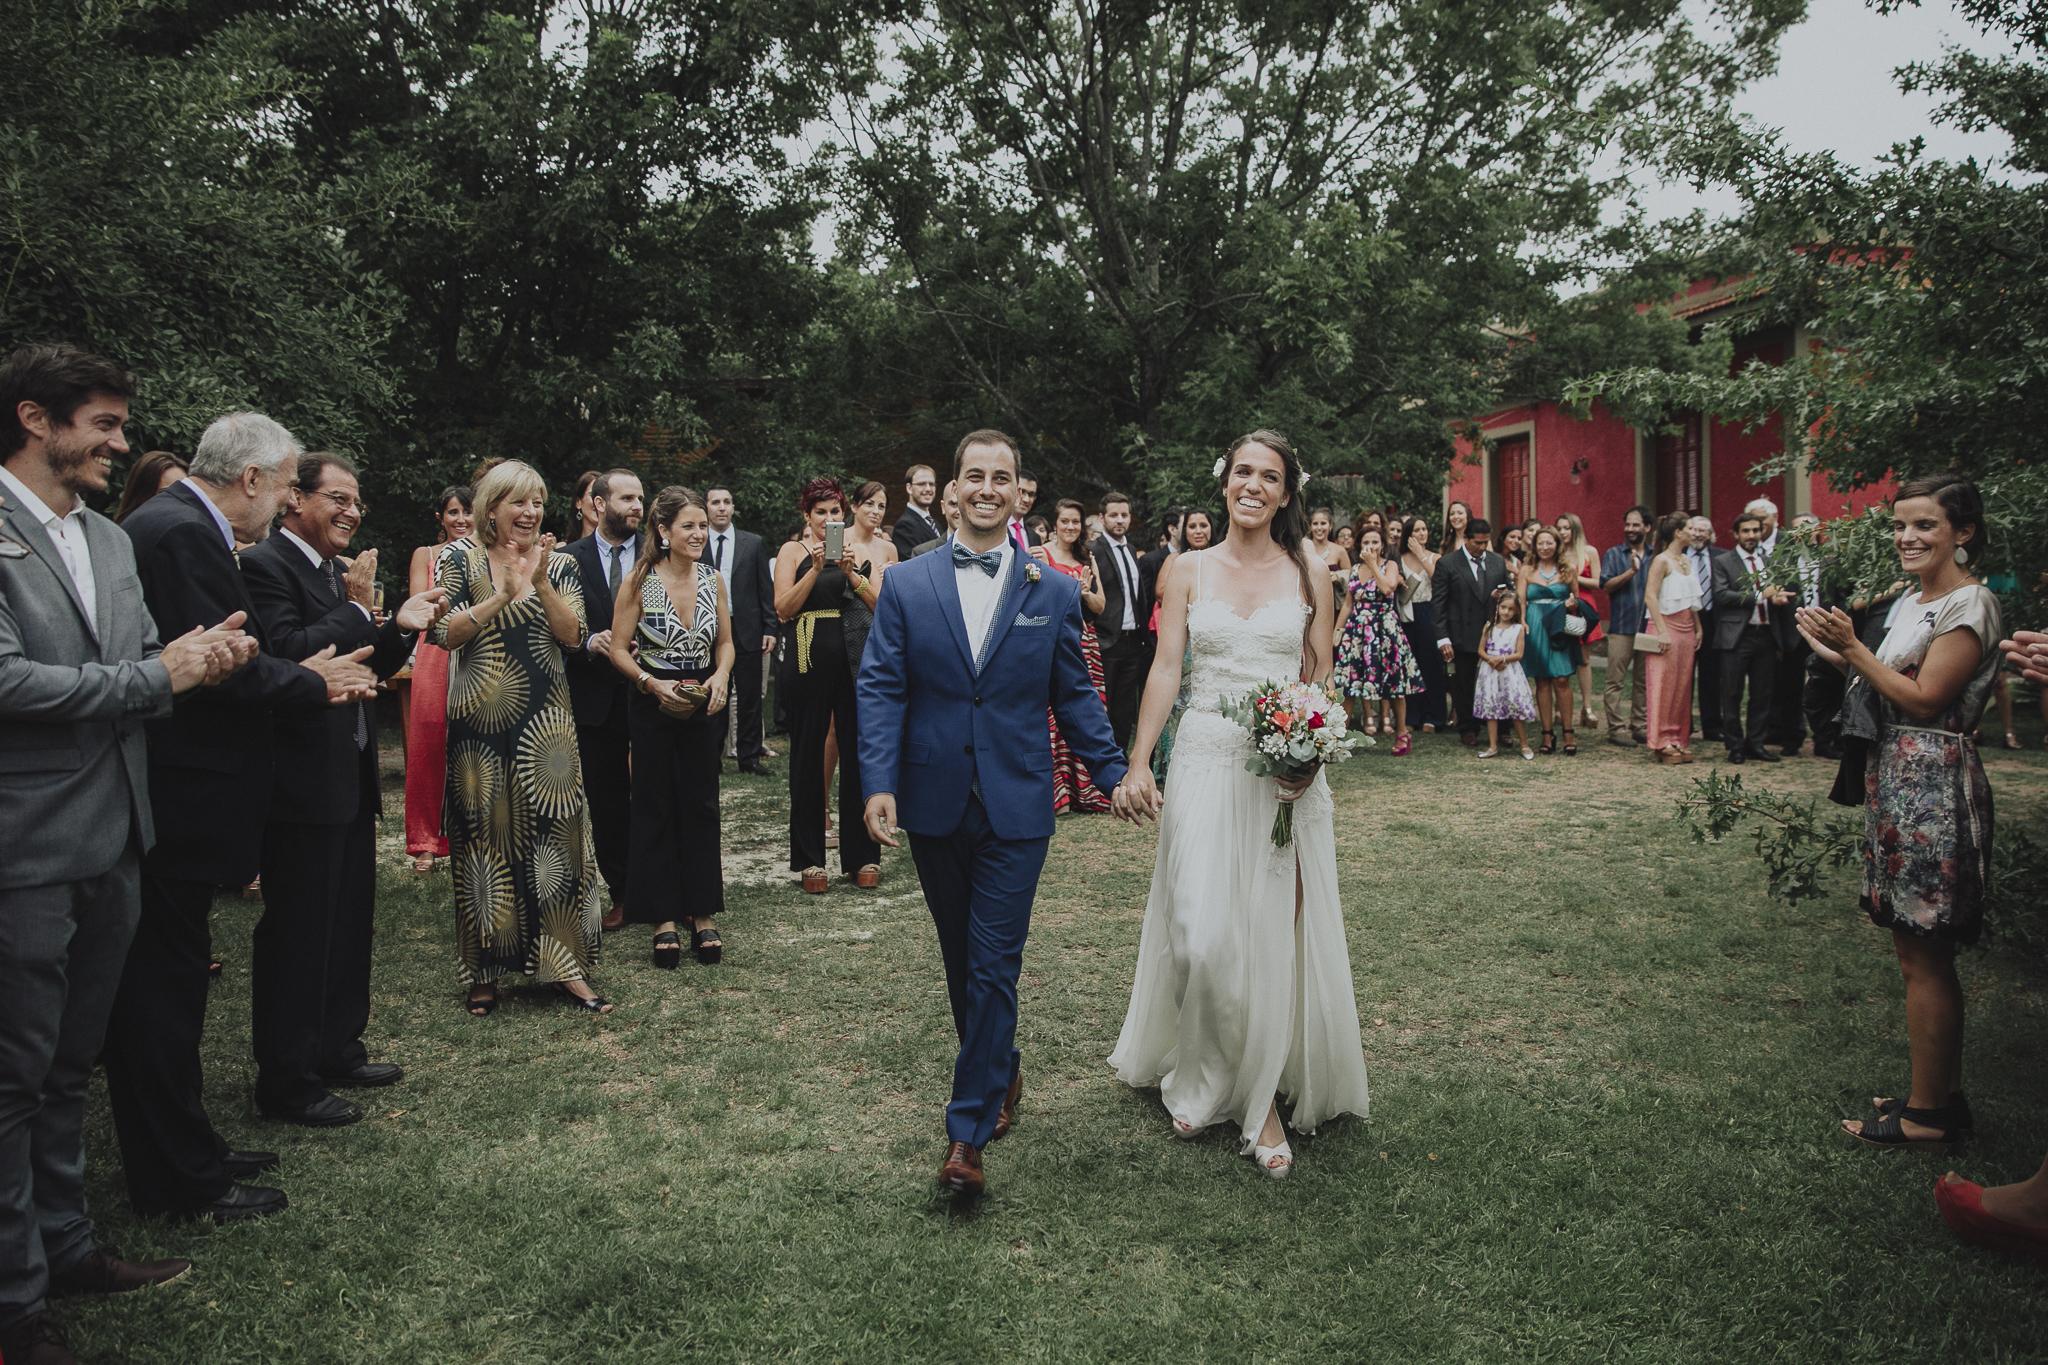 una boda diferente - bodas únicas - fotografia de bodas uruguay